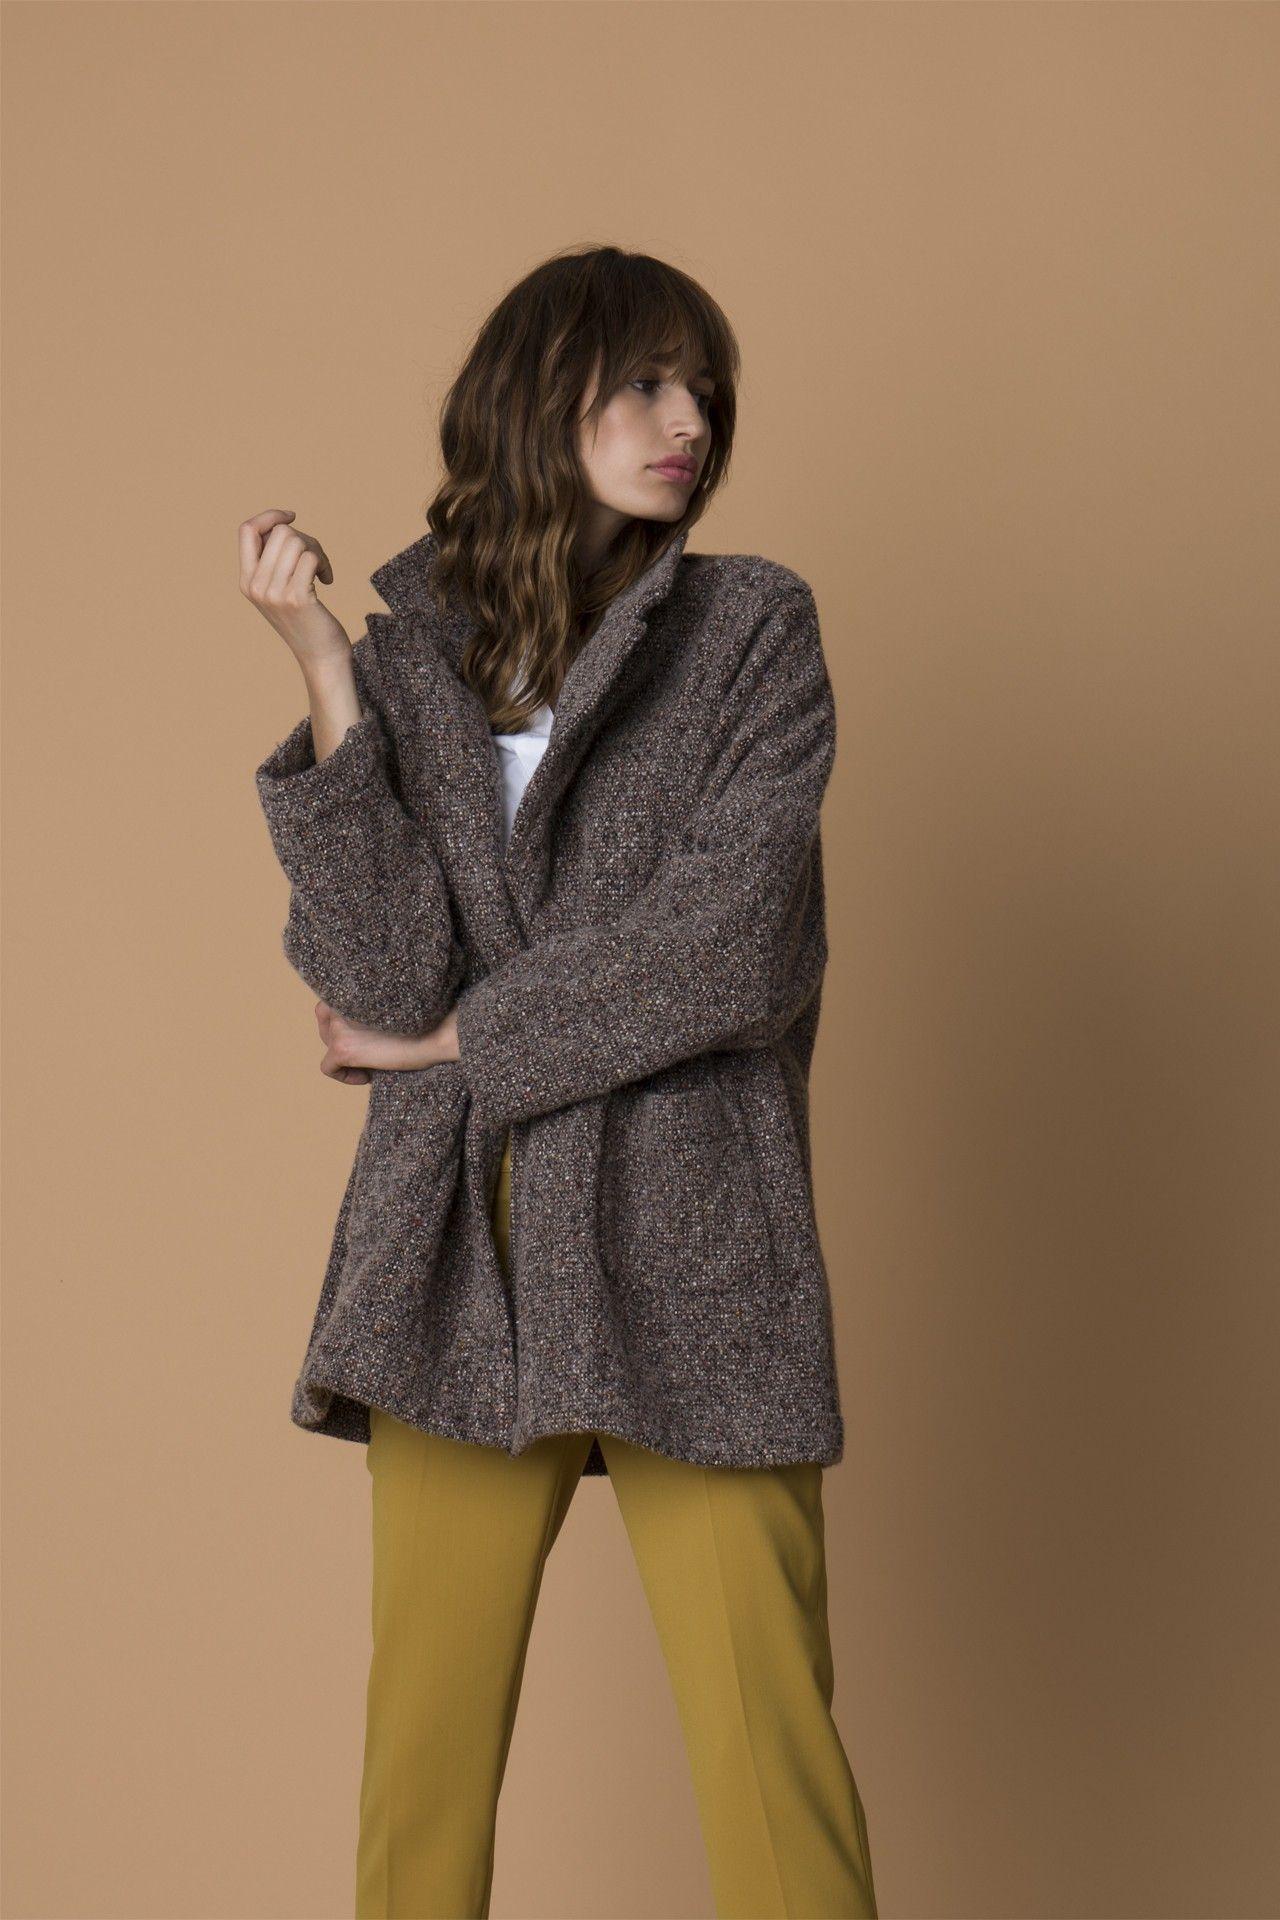 purchase cheap 7340a 13cd7 PINKO FW 15 16 - - Pinko | Shopping | Fashion, Coat, Winter